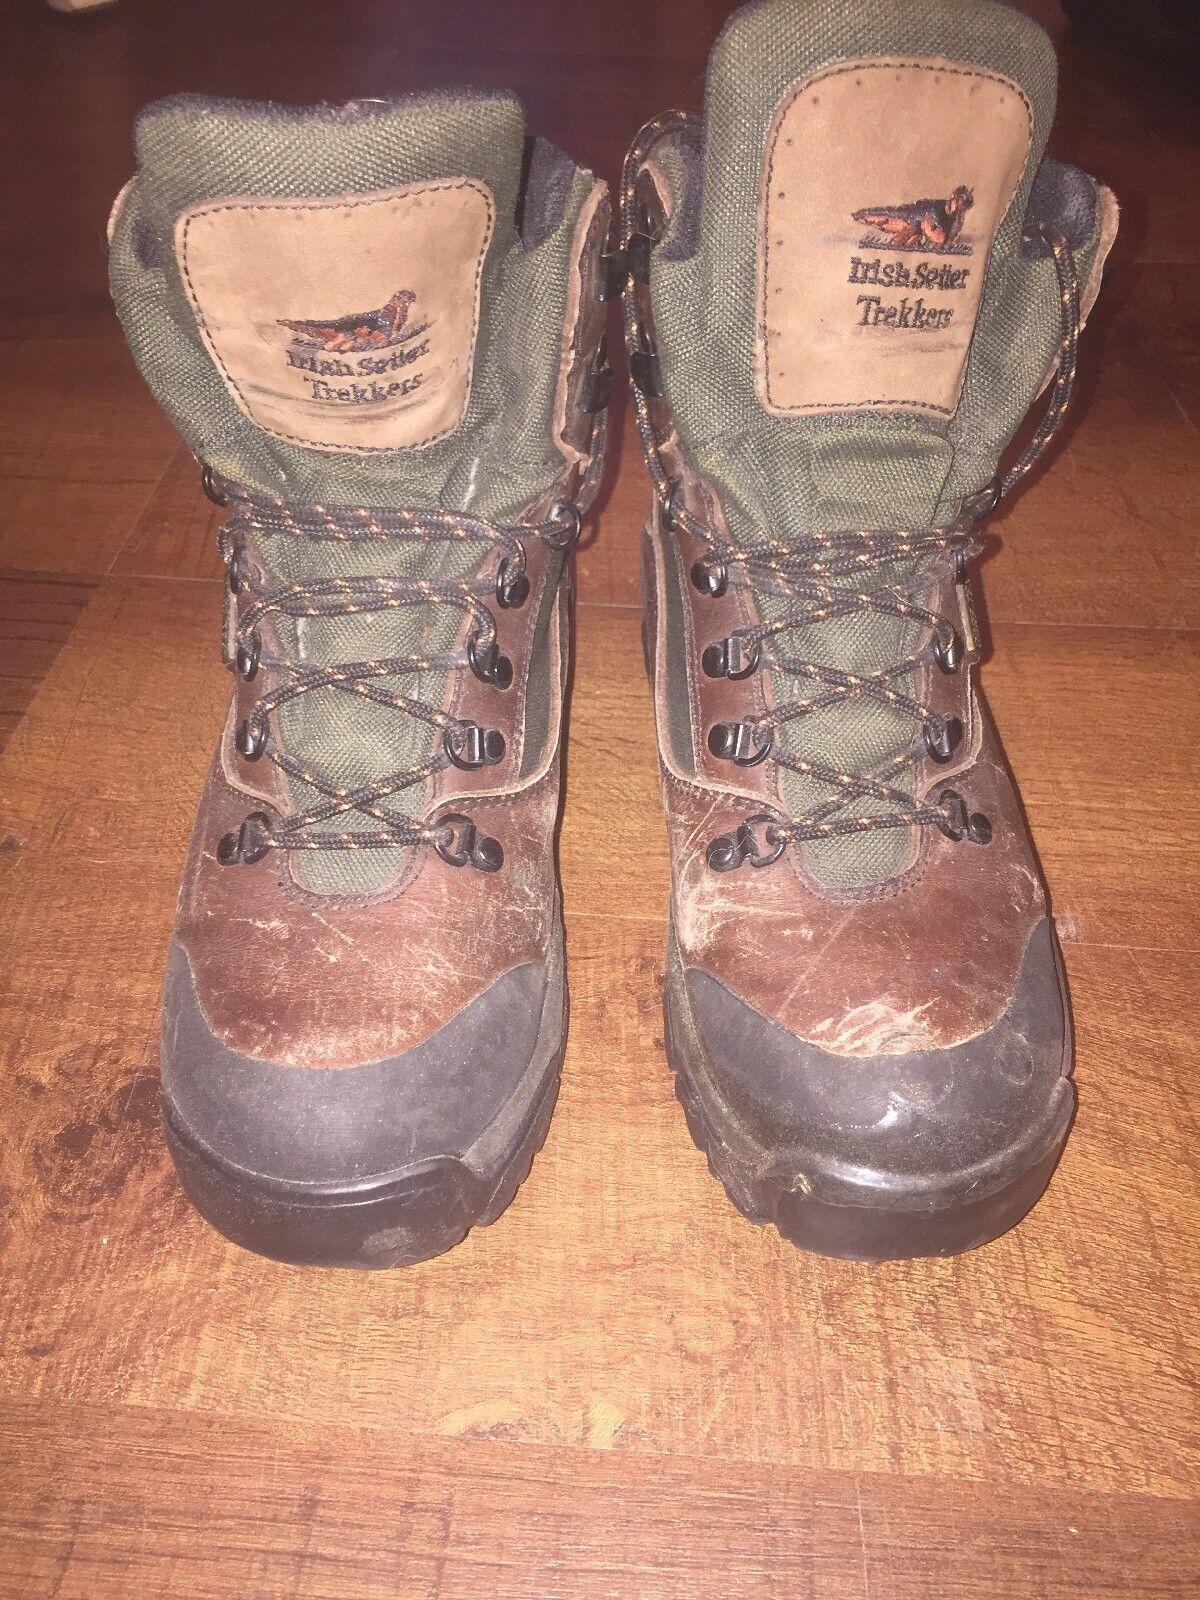 Irish Setter Leather Hiking Boots Waterproof